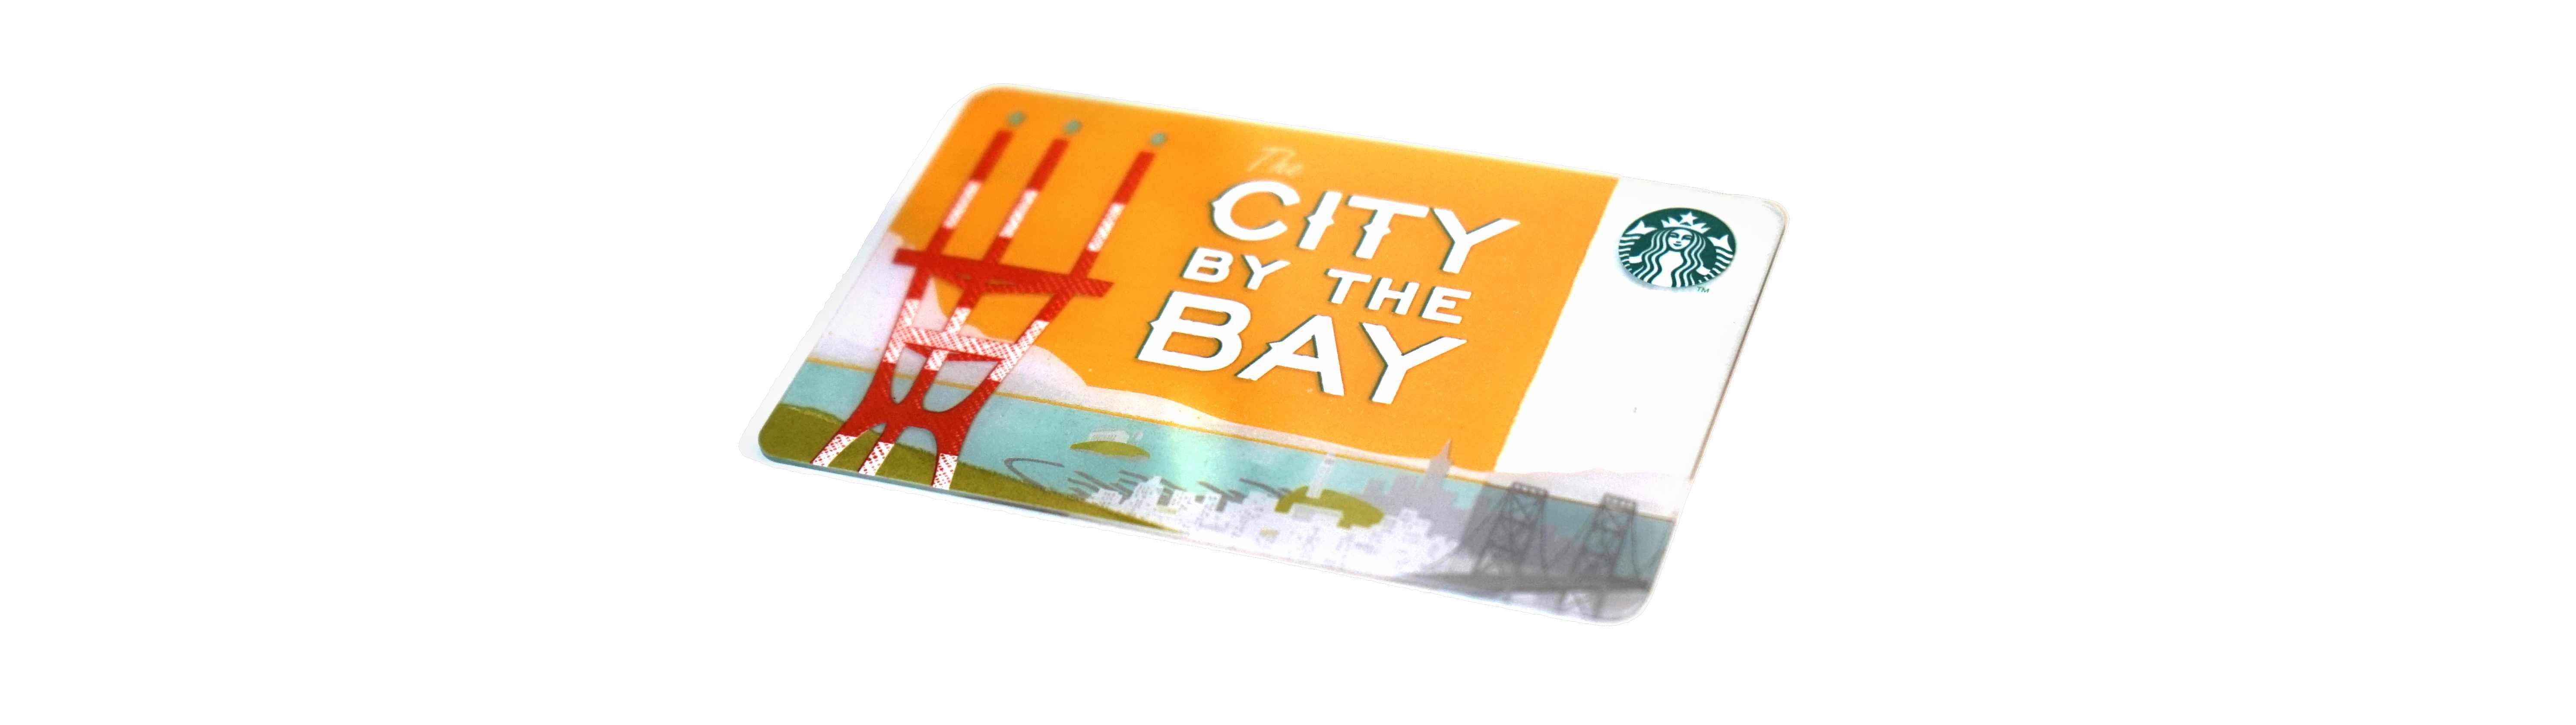 スターバックスカード CITY BY THE BAY